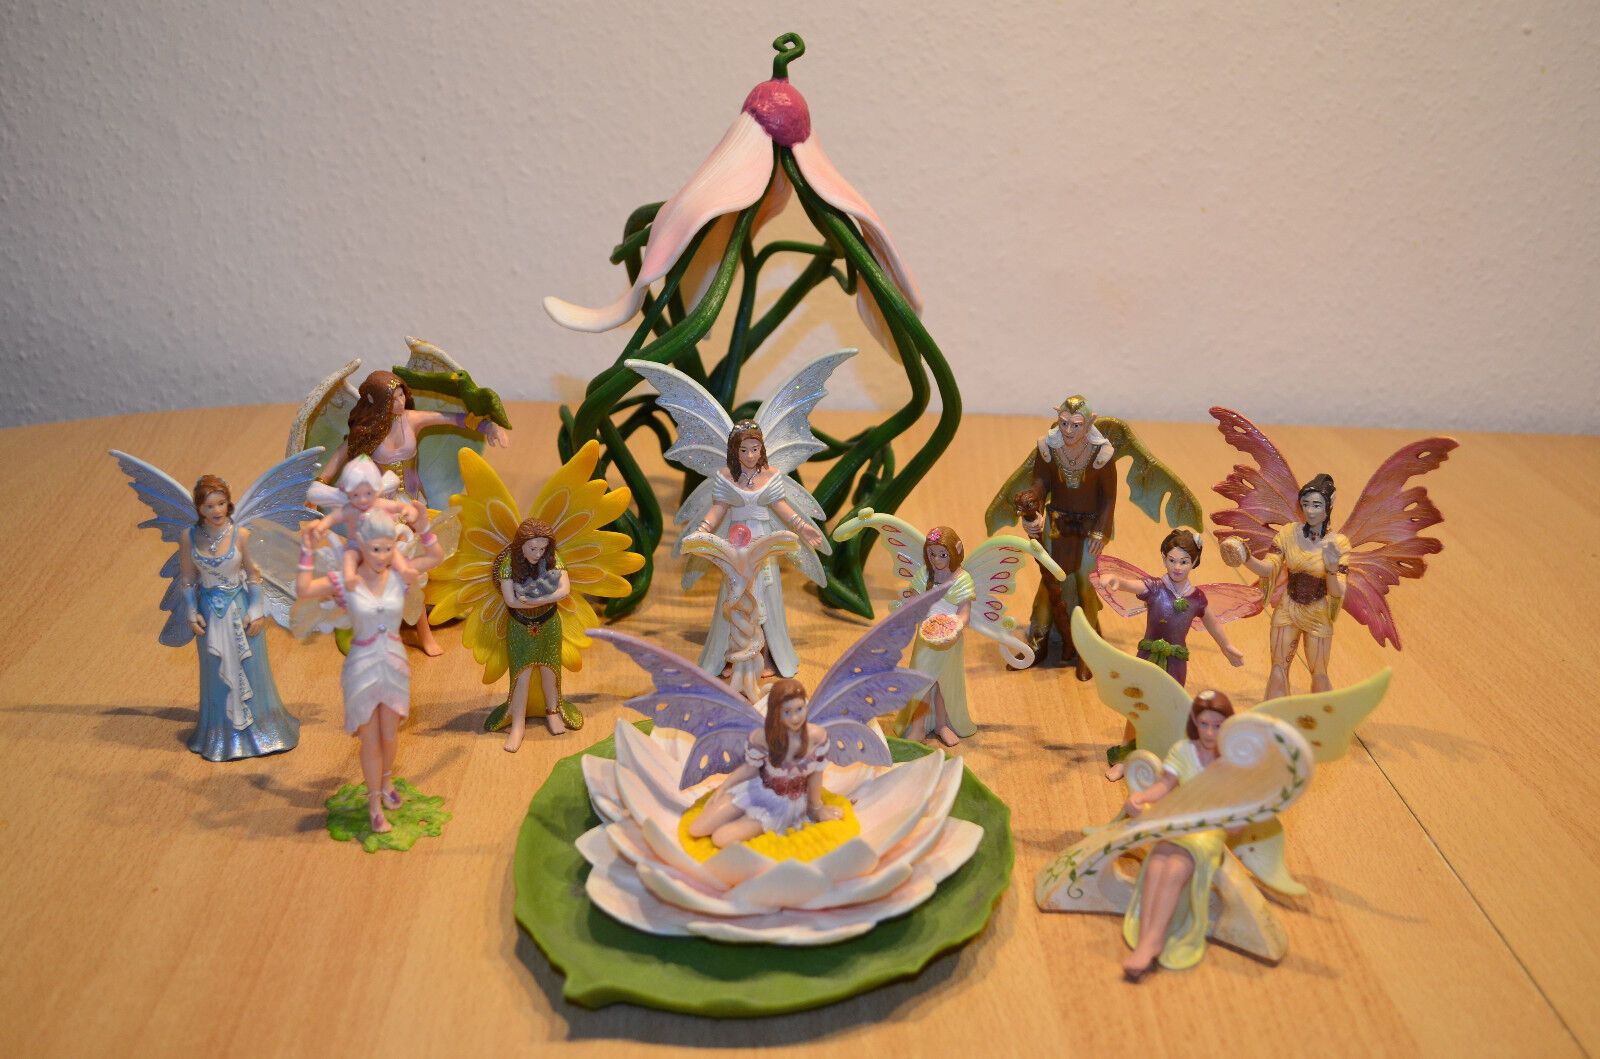 Schleich Figuren Elfen mit Pferden, Stiefel und Elfenhaus Sommergrün